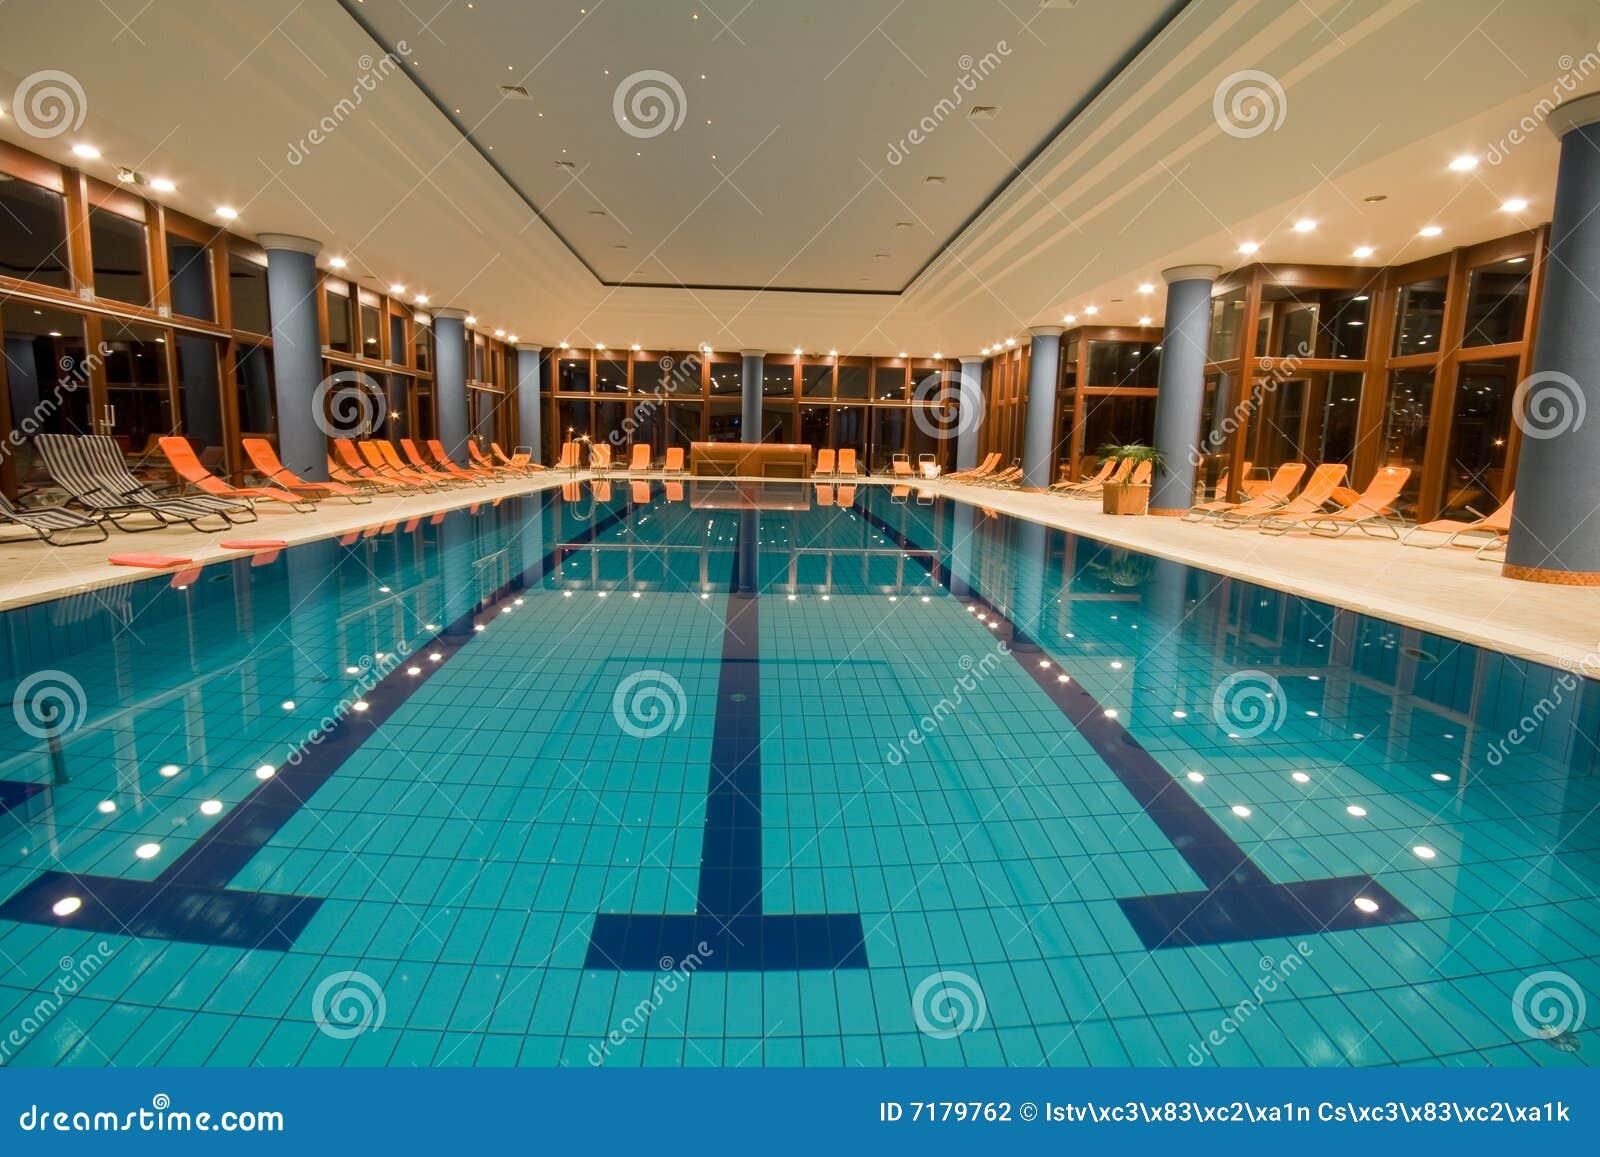 Exclusief zwembad